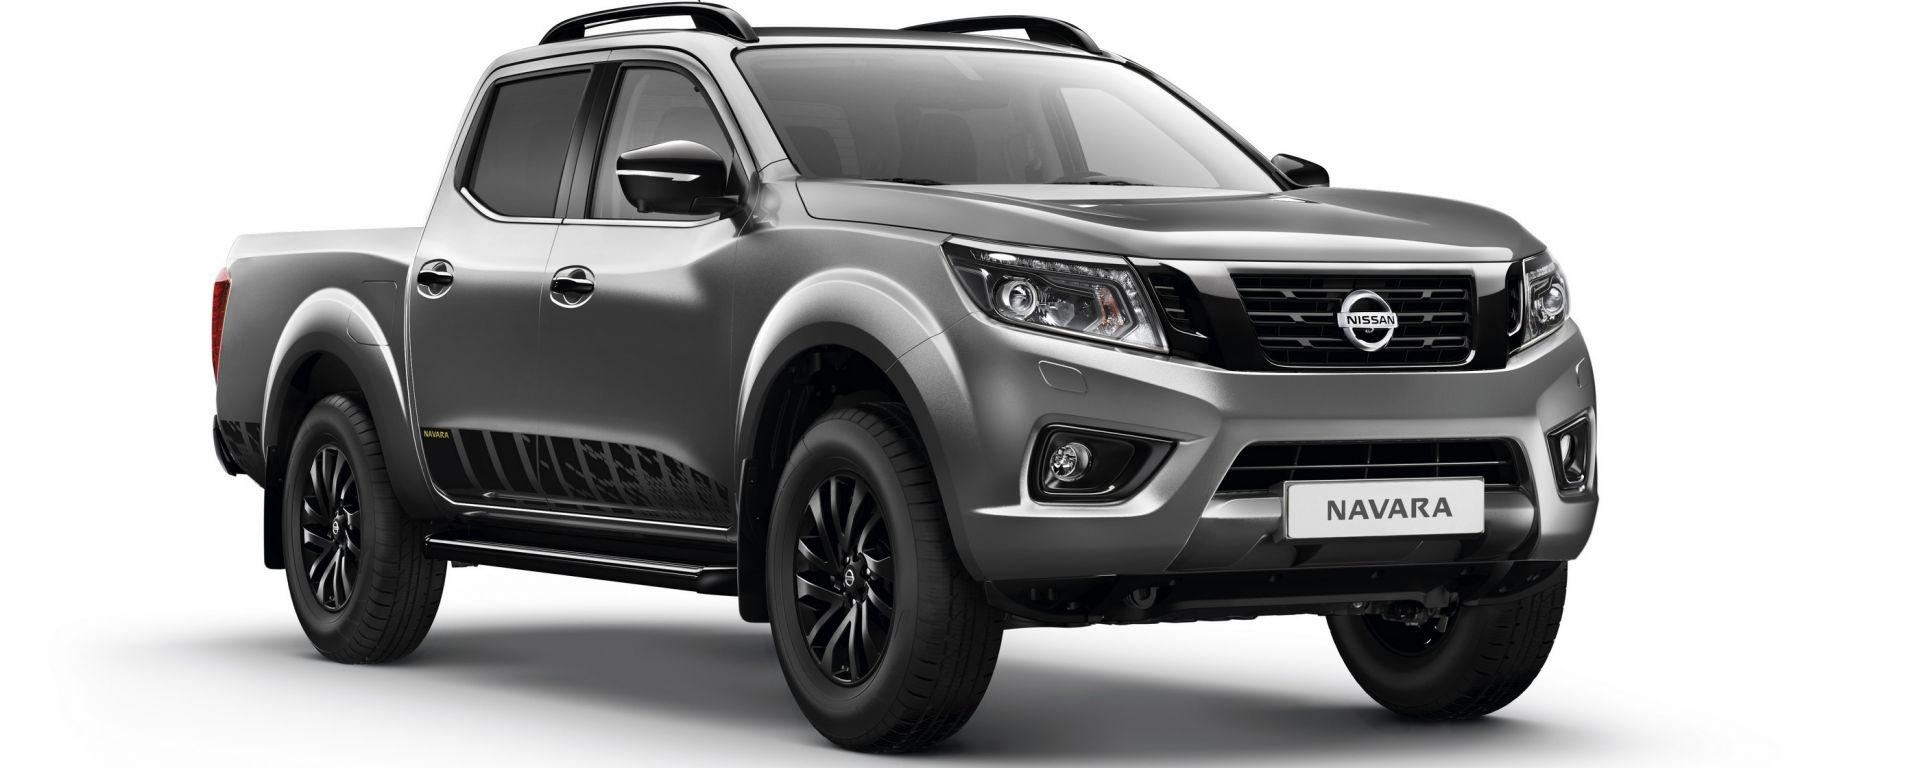 Nissan Navara N-Guard: la nuova versione speciale del pick-up